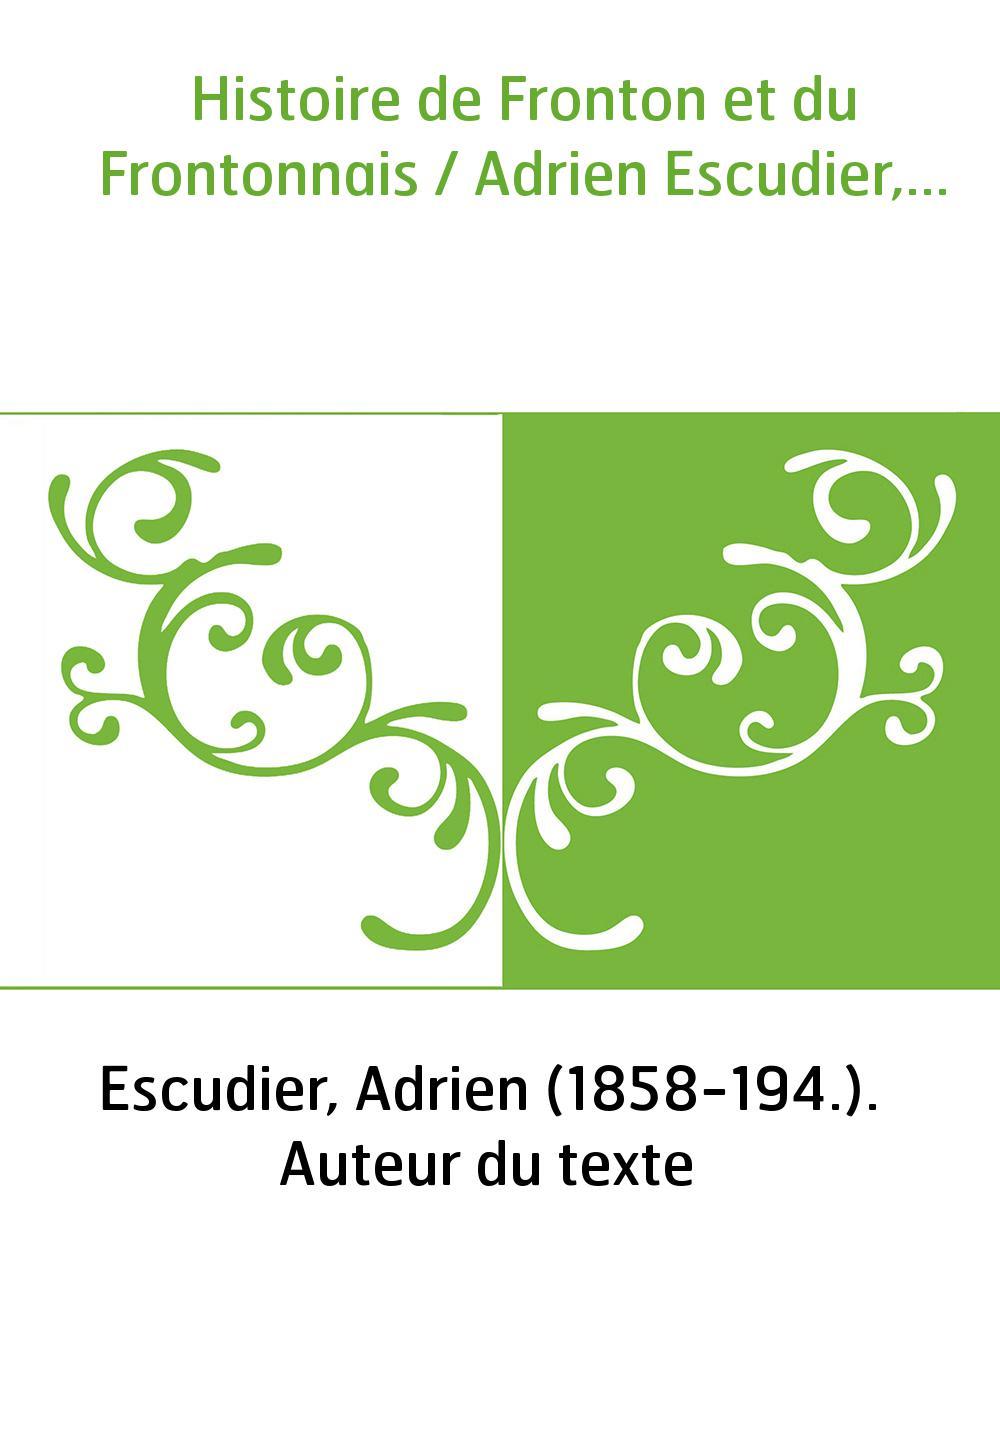 Histoire de Fronton et du Frontonnais / Adrien Escudier,...